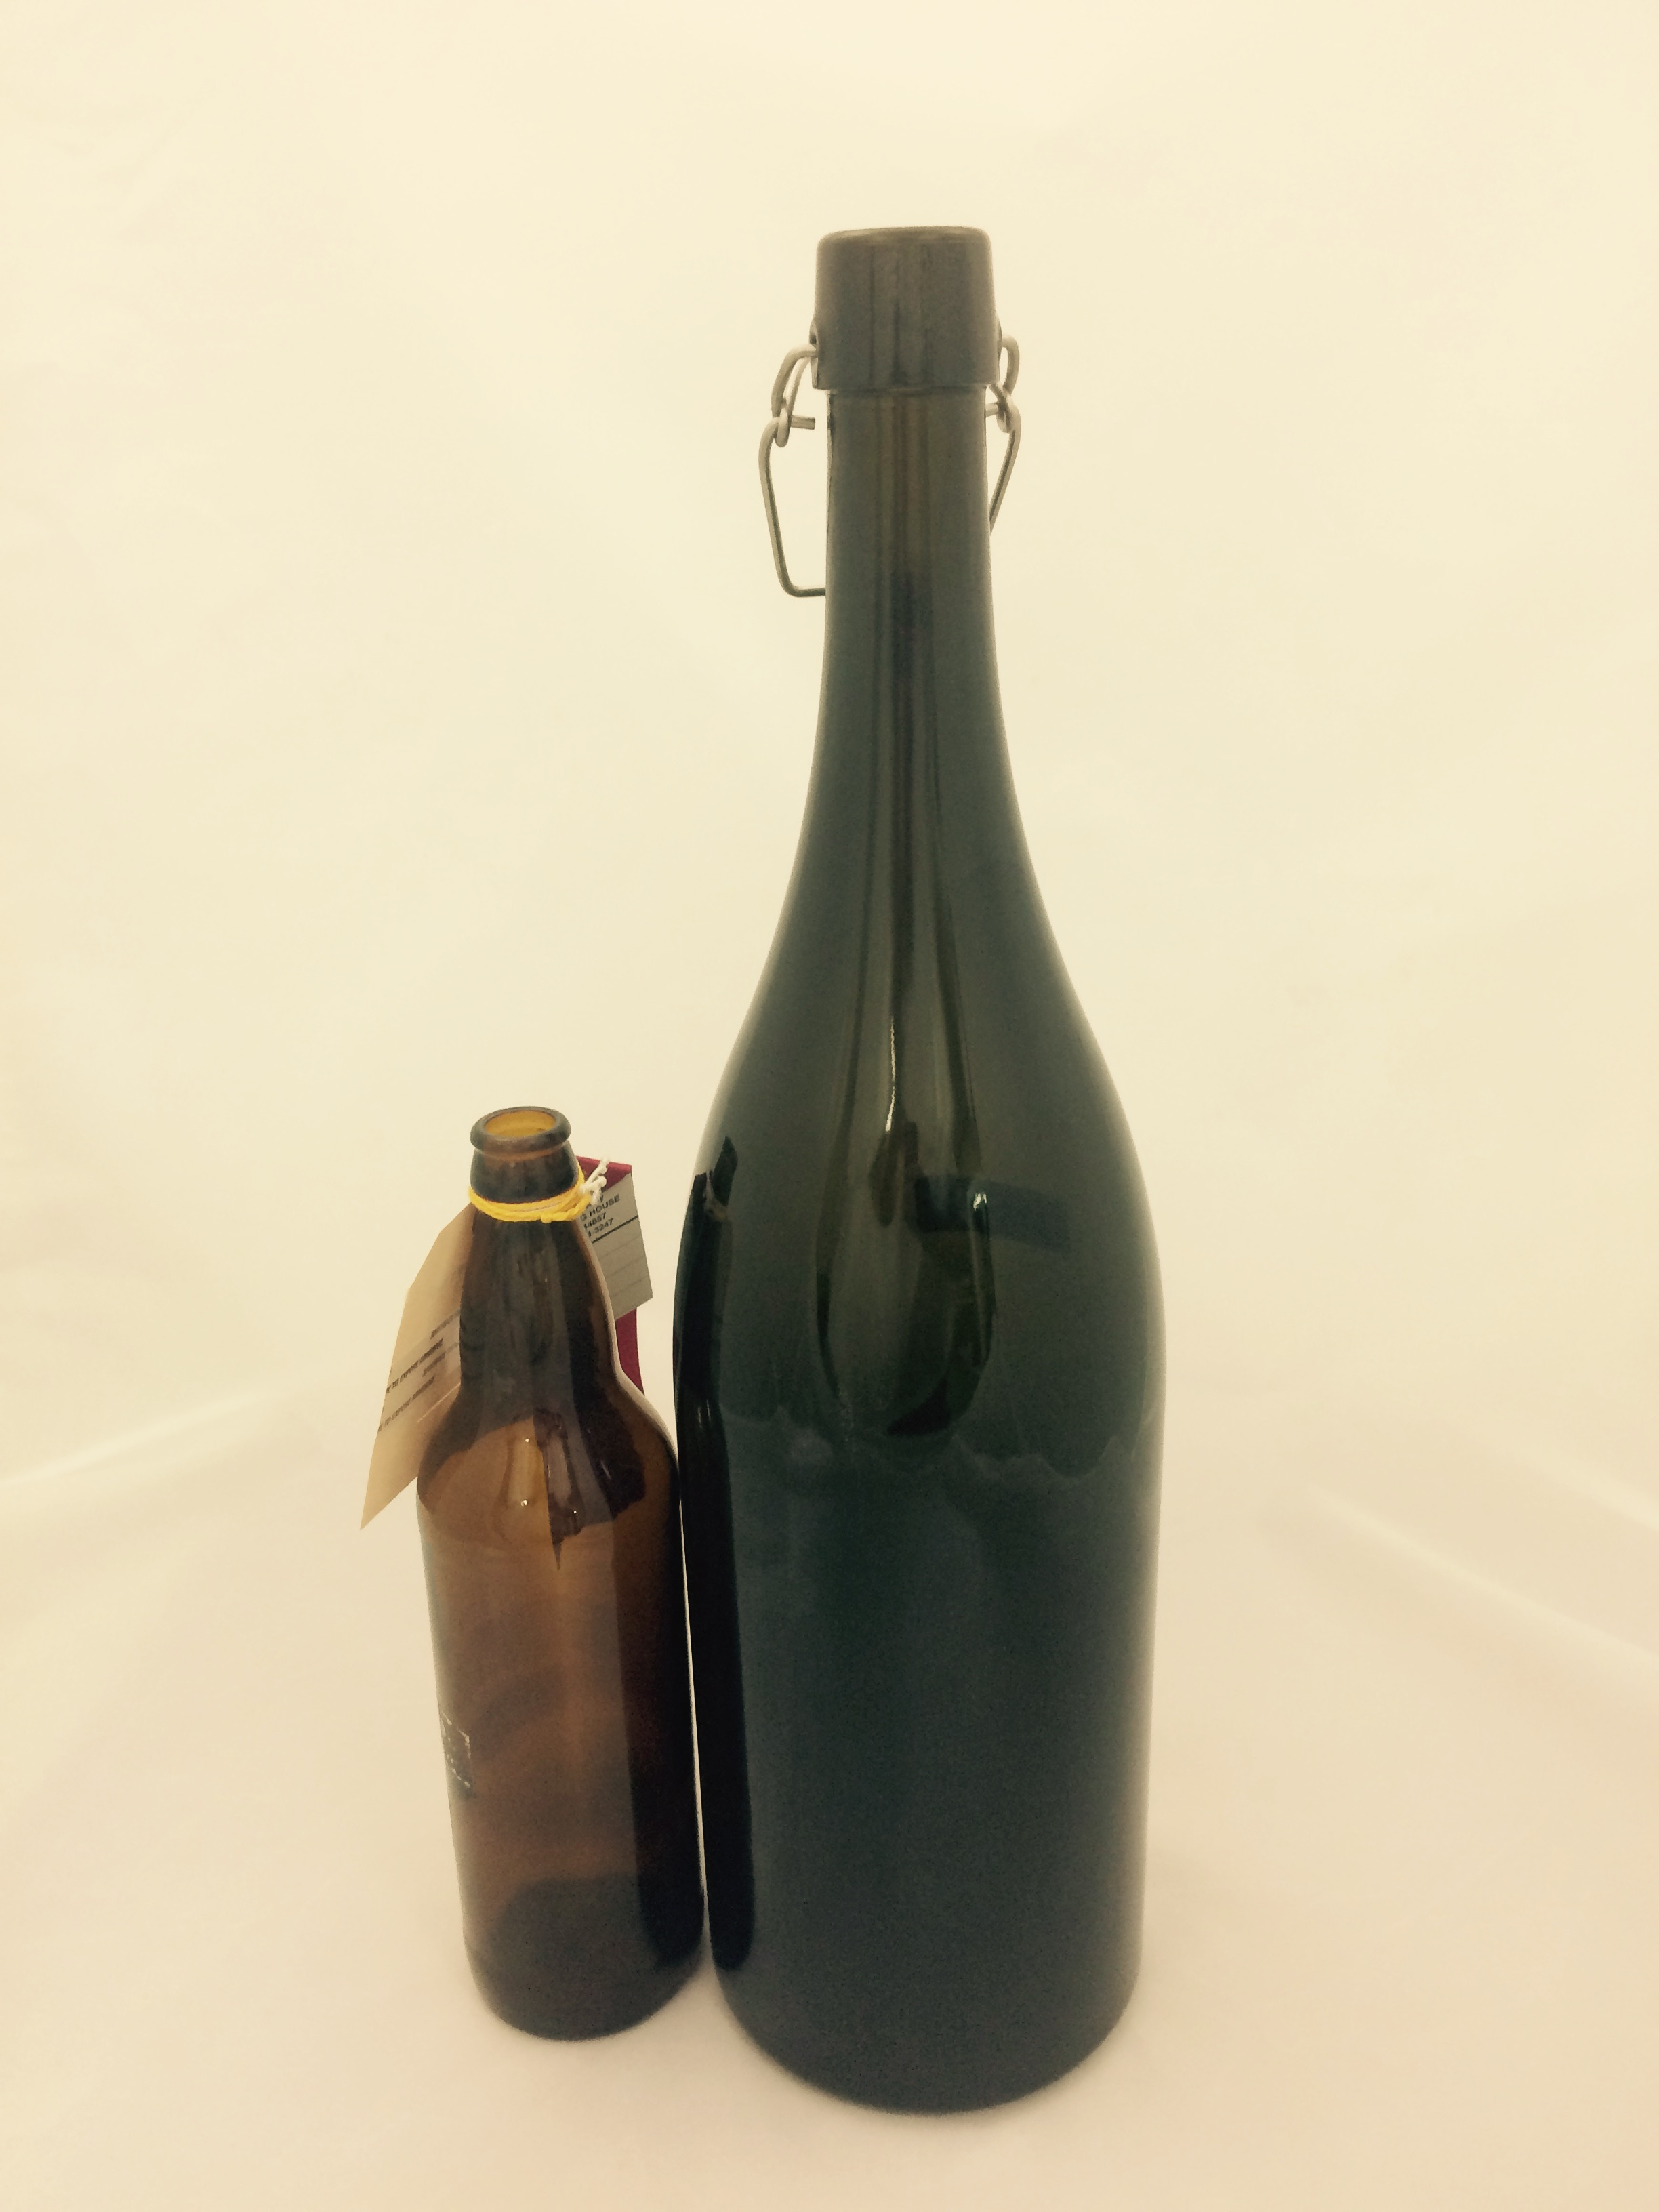 3 Liter Antique Green Flip Top Bottle Bader Beer Amp Wine